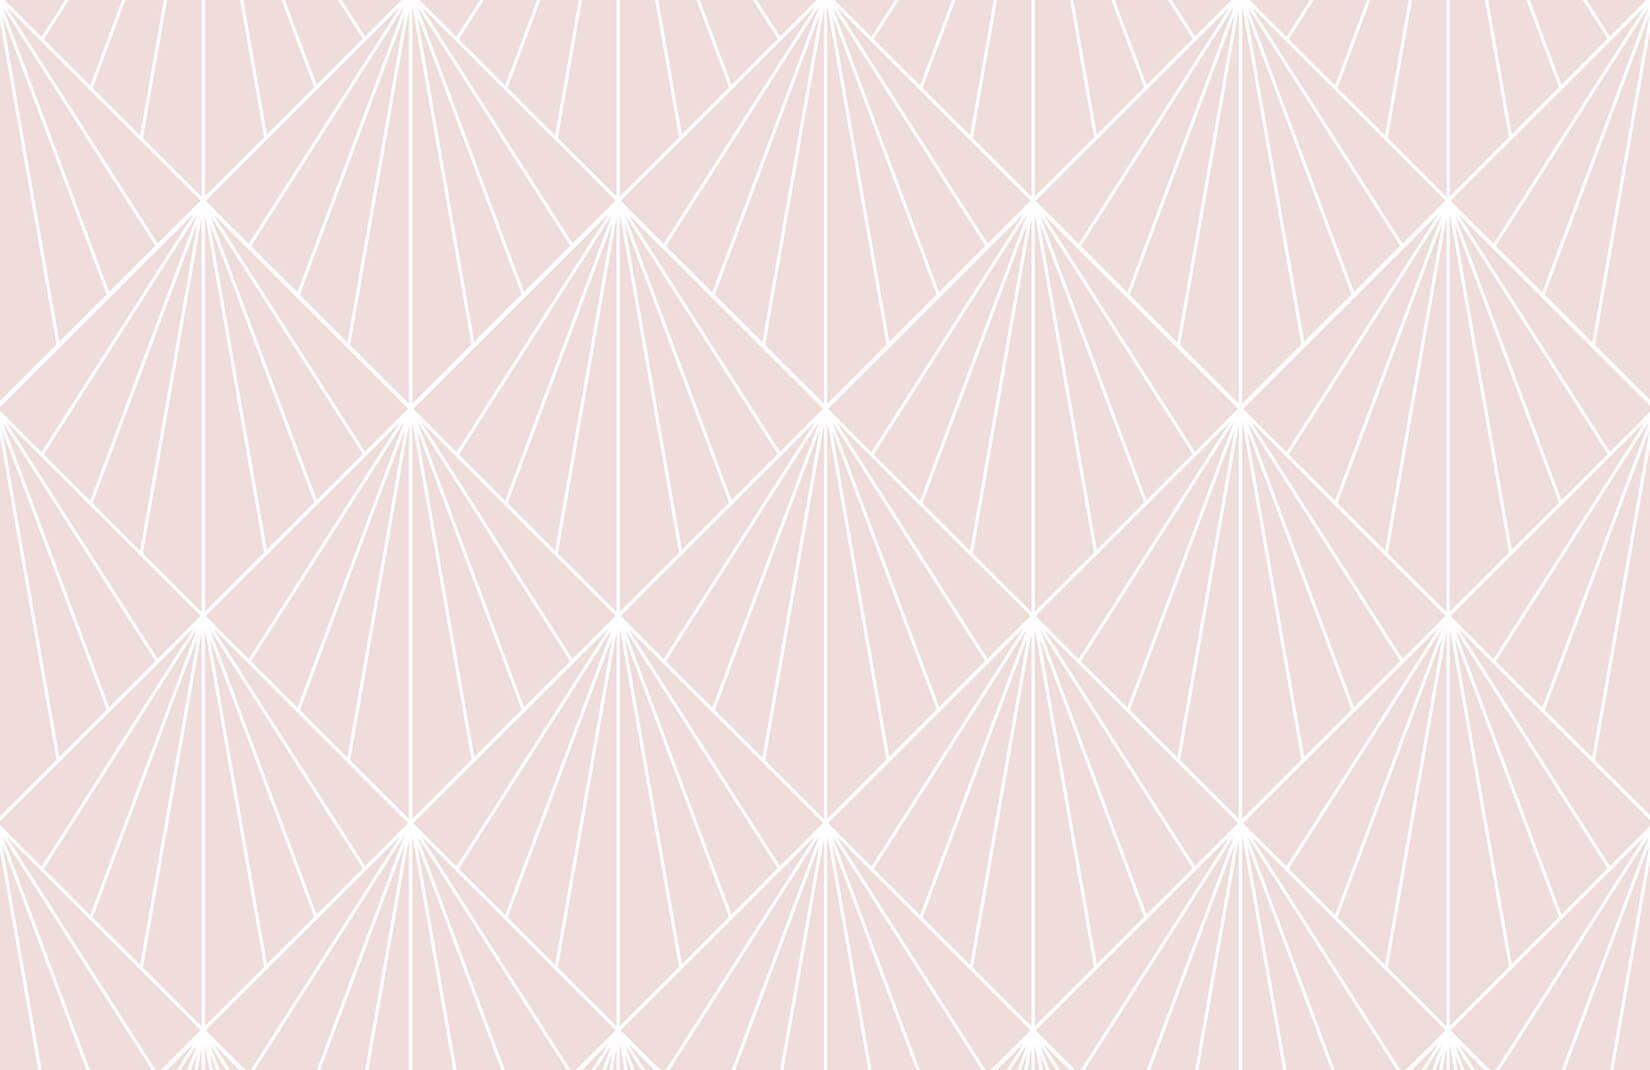 Modern Art Deco Wallpapers Top Free Modern Art Deco Backgrounds Wallpaperaccess